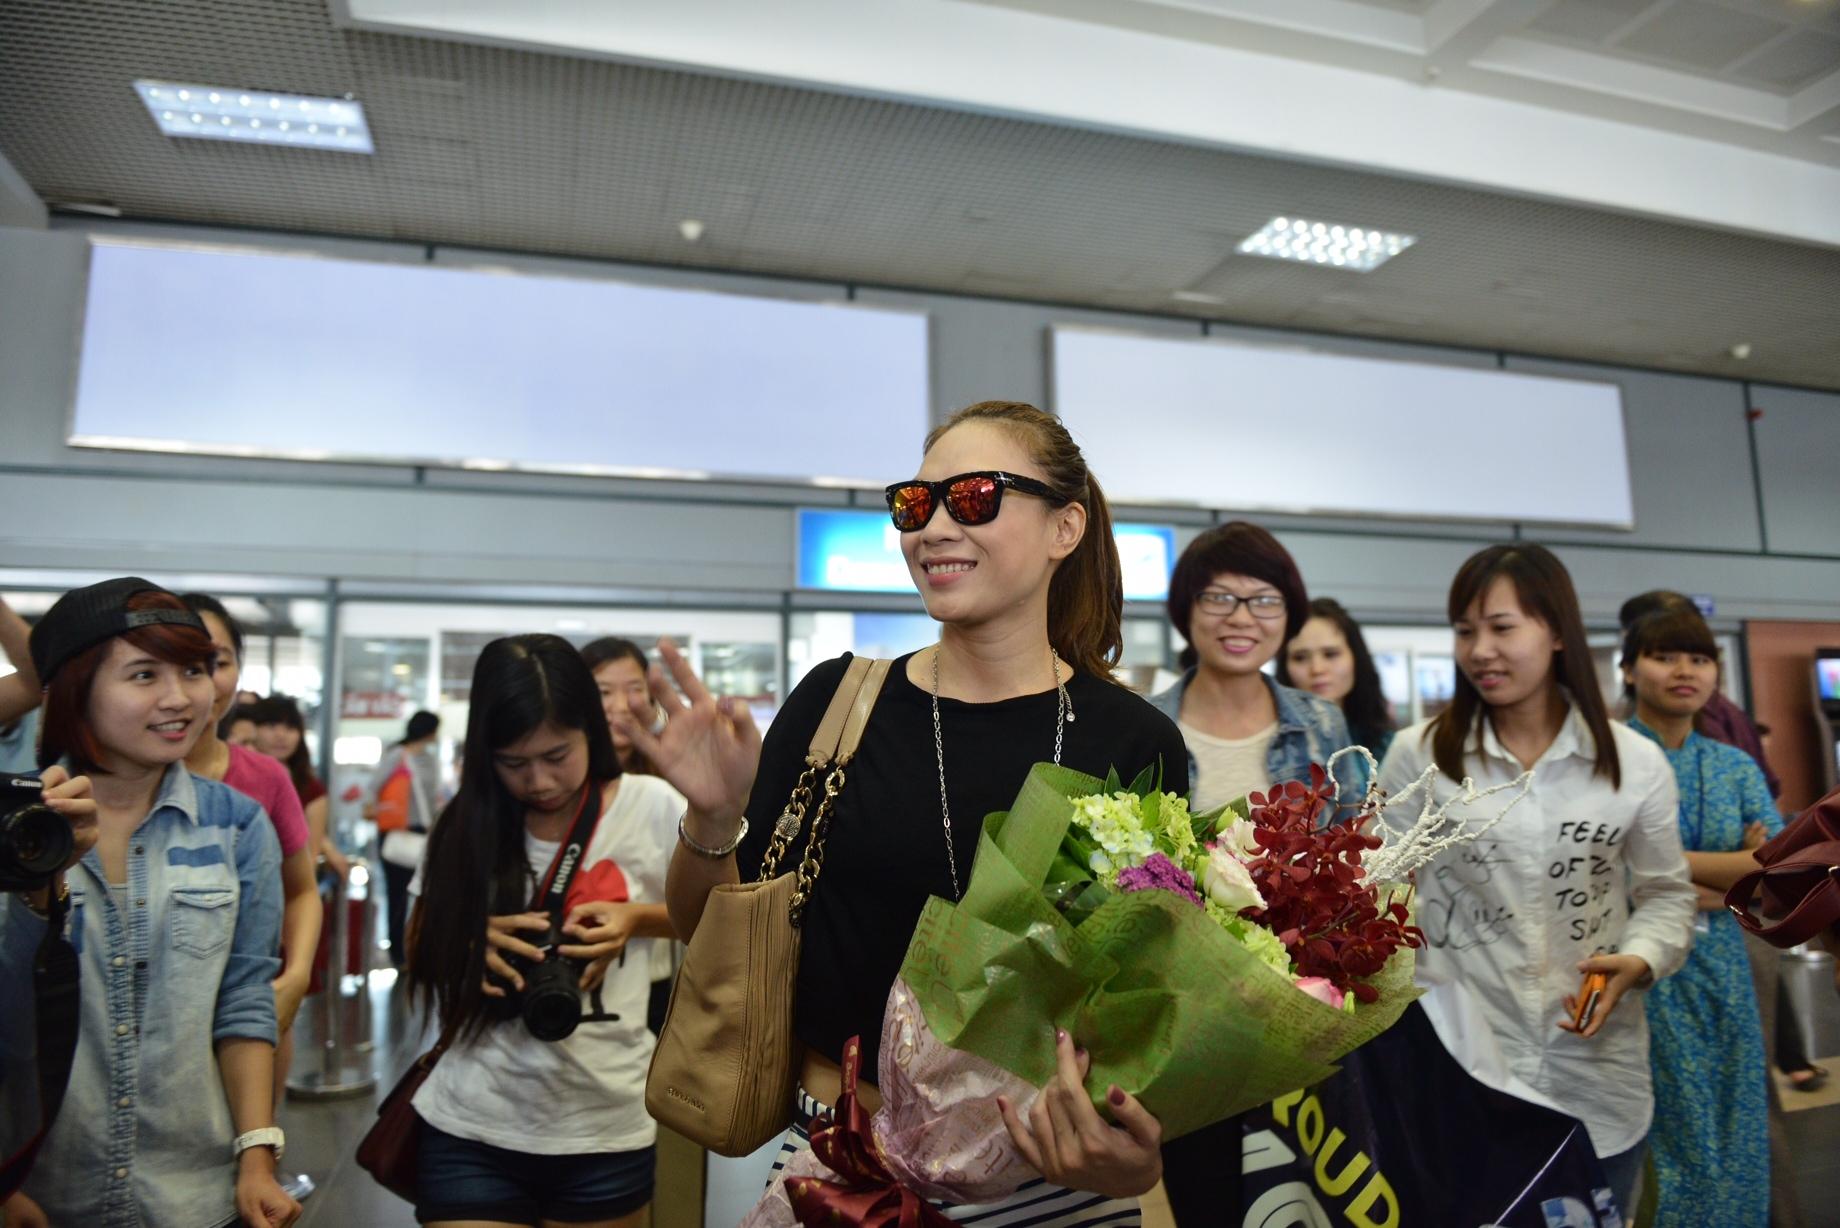 Mỹ Tâm hạnh phúc khi được fan Hà Nội chào đón nồng nhiệt - Tin sao Viet - Tin tuc sao Viet - Scandal sao Viet - Tin tuc cua Sao - Tin cua Sao